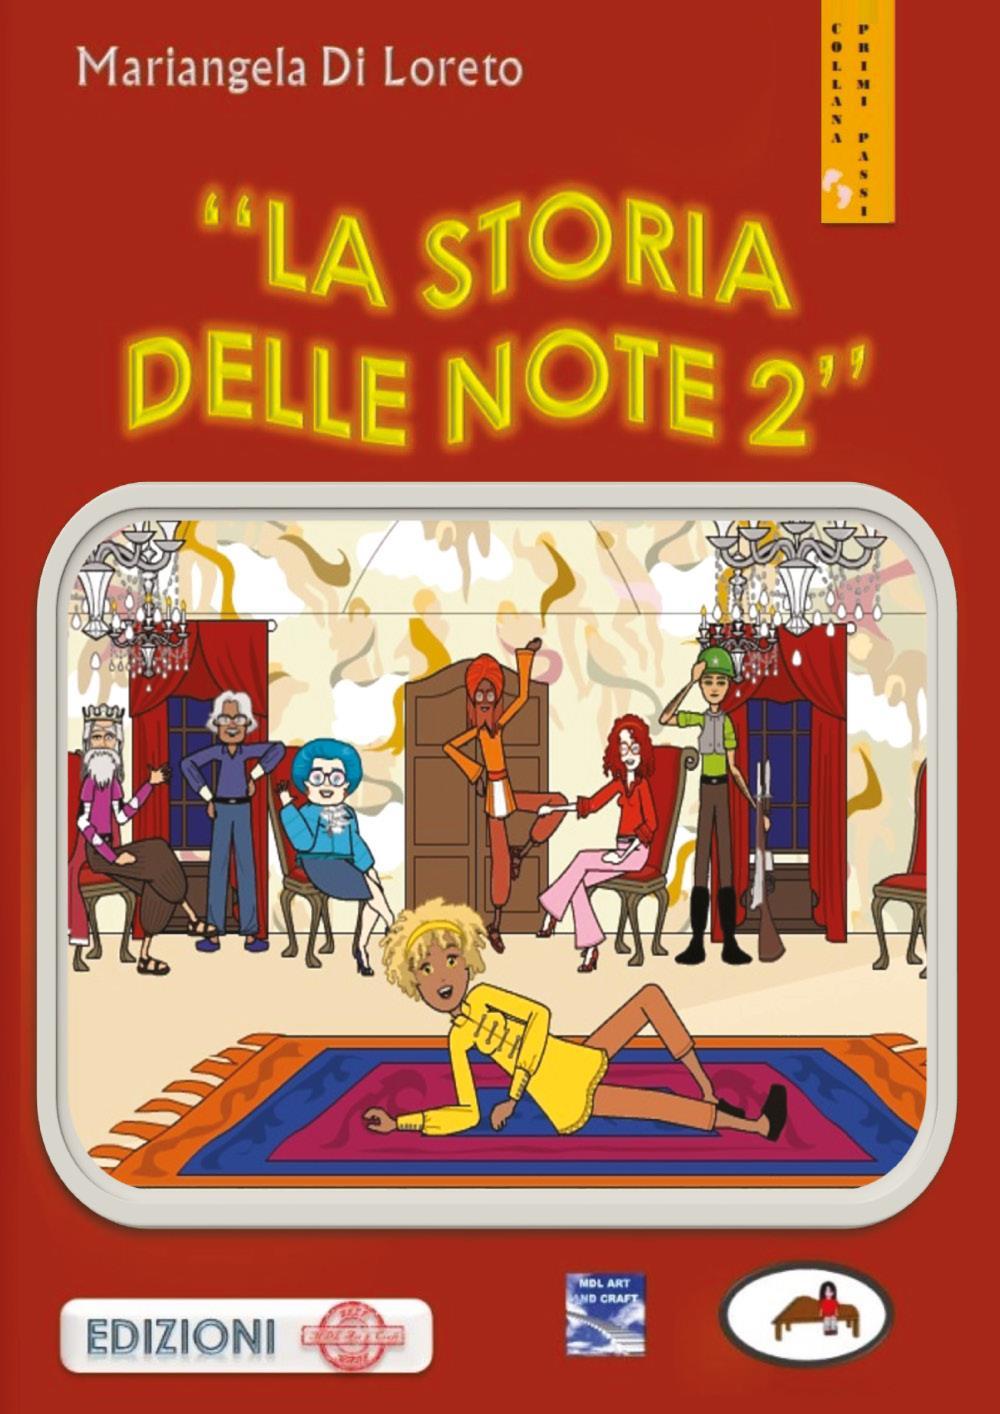 La storia delle note 2